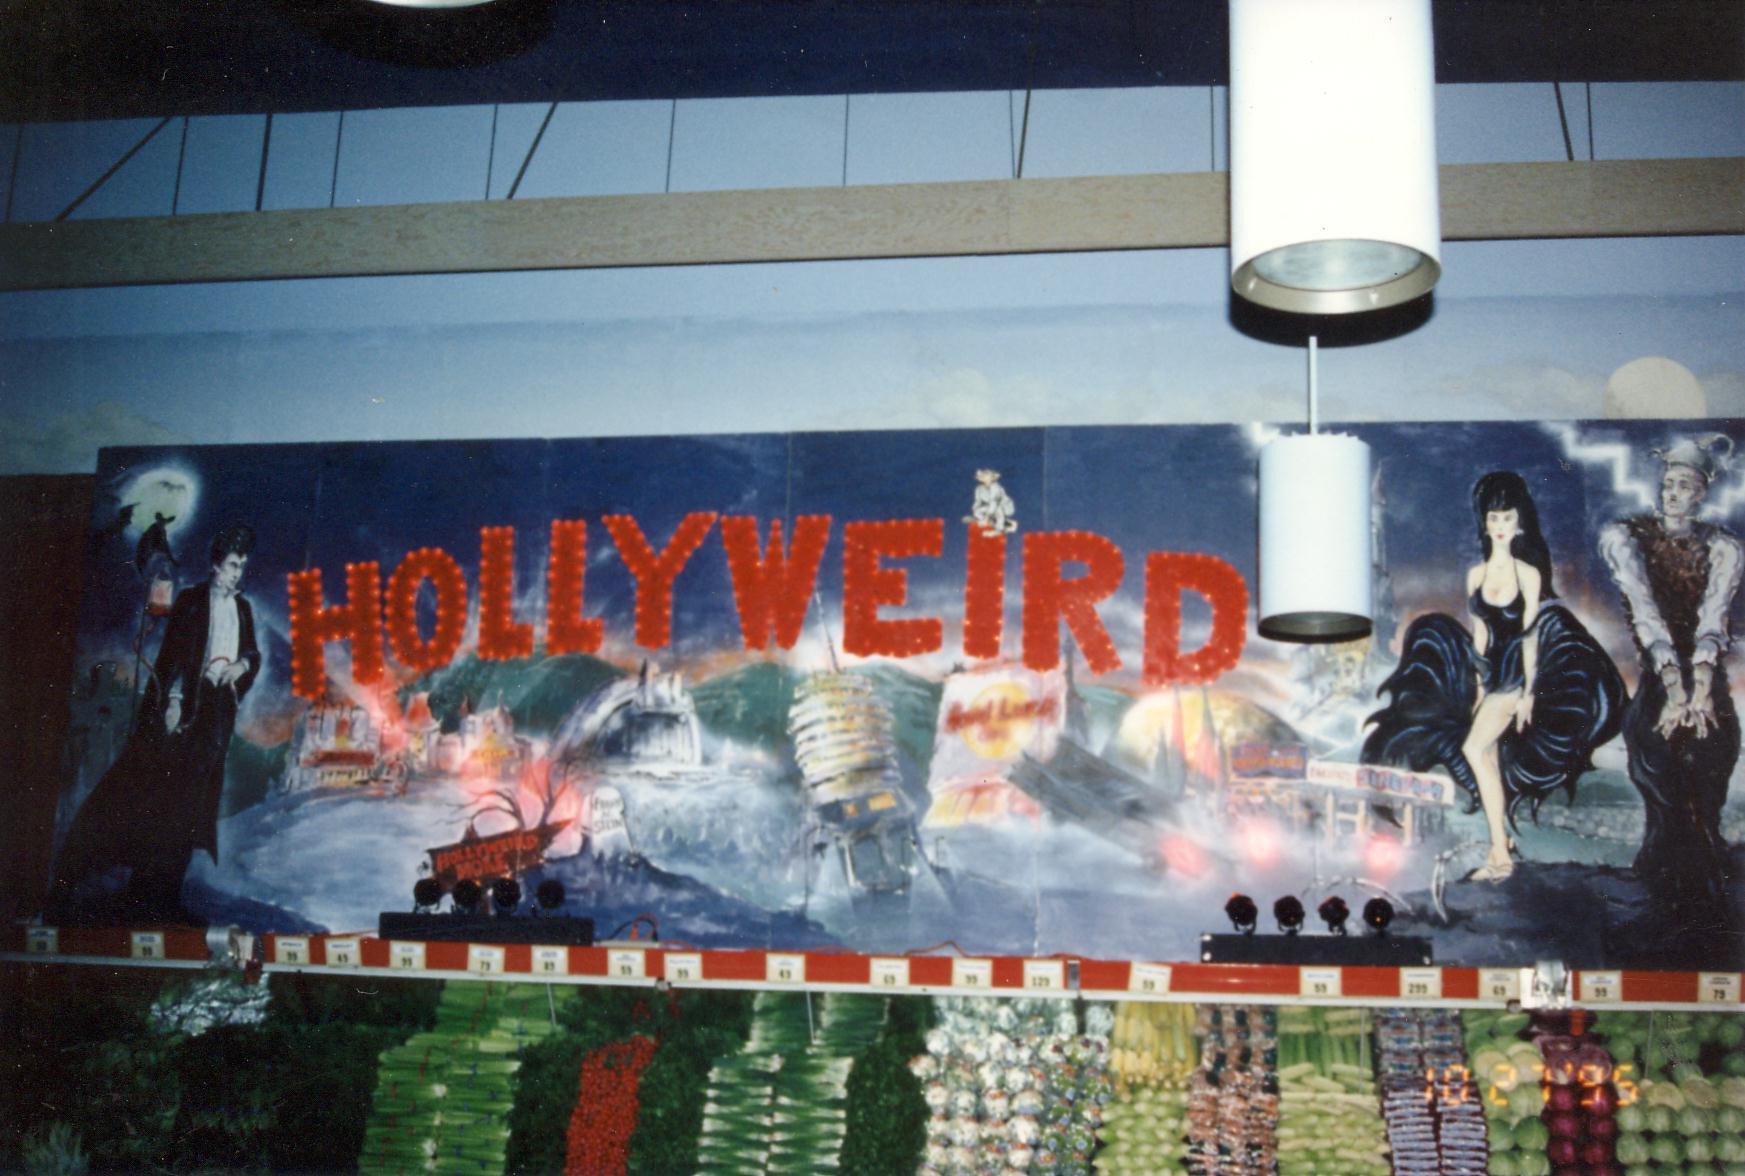 hollyweird - Media Gallery